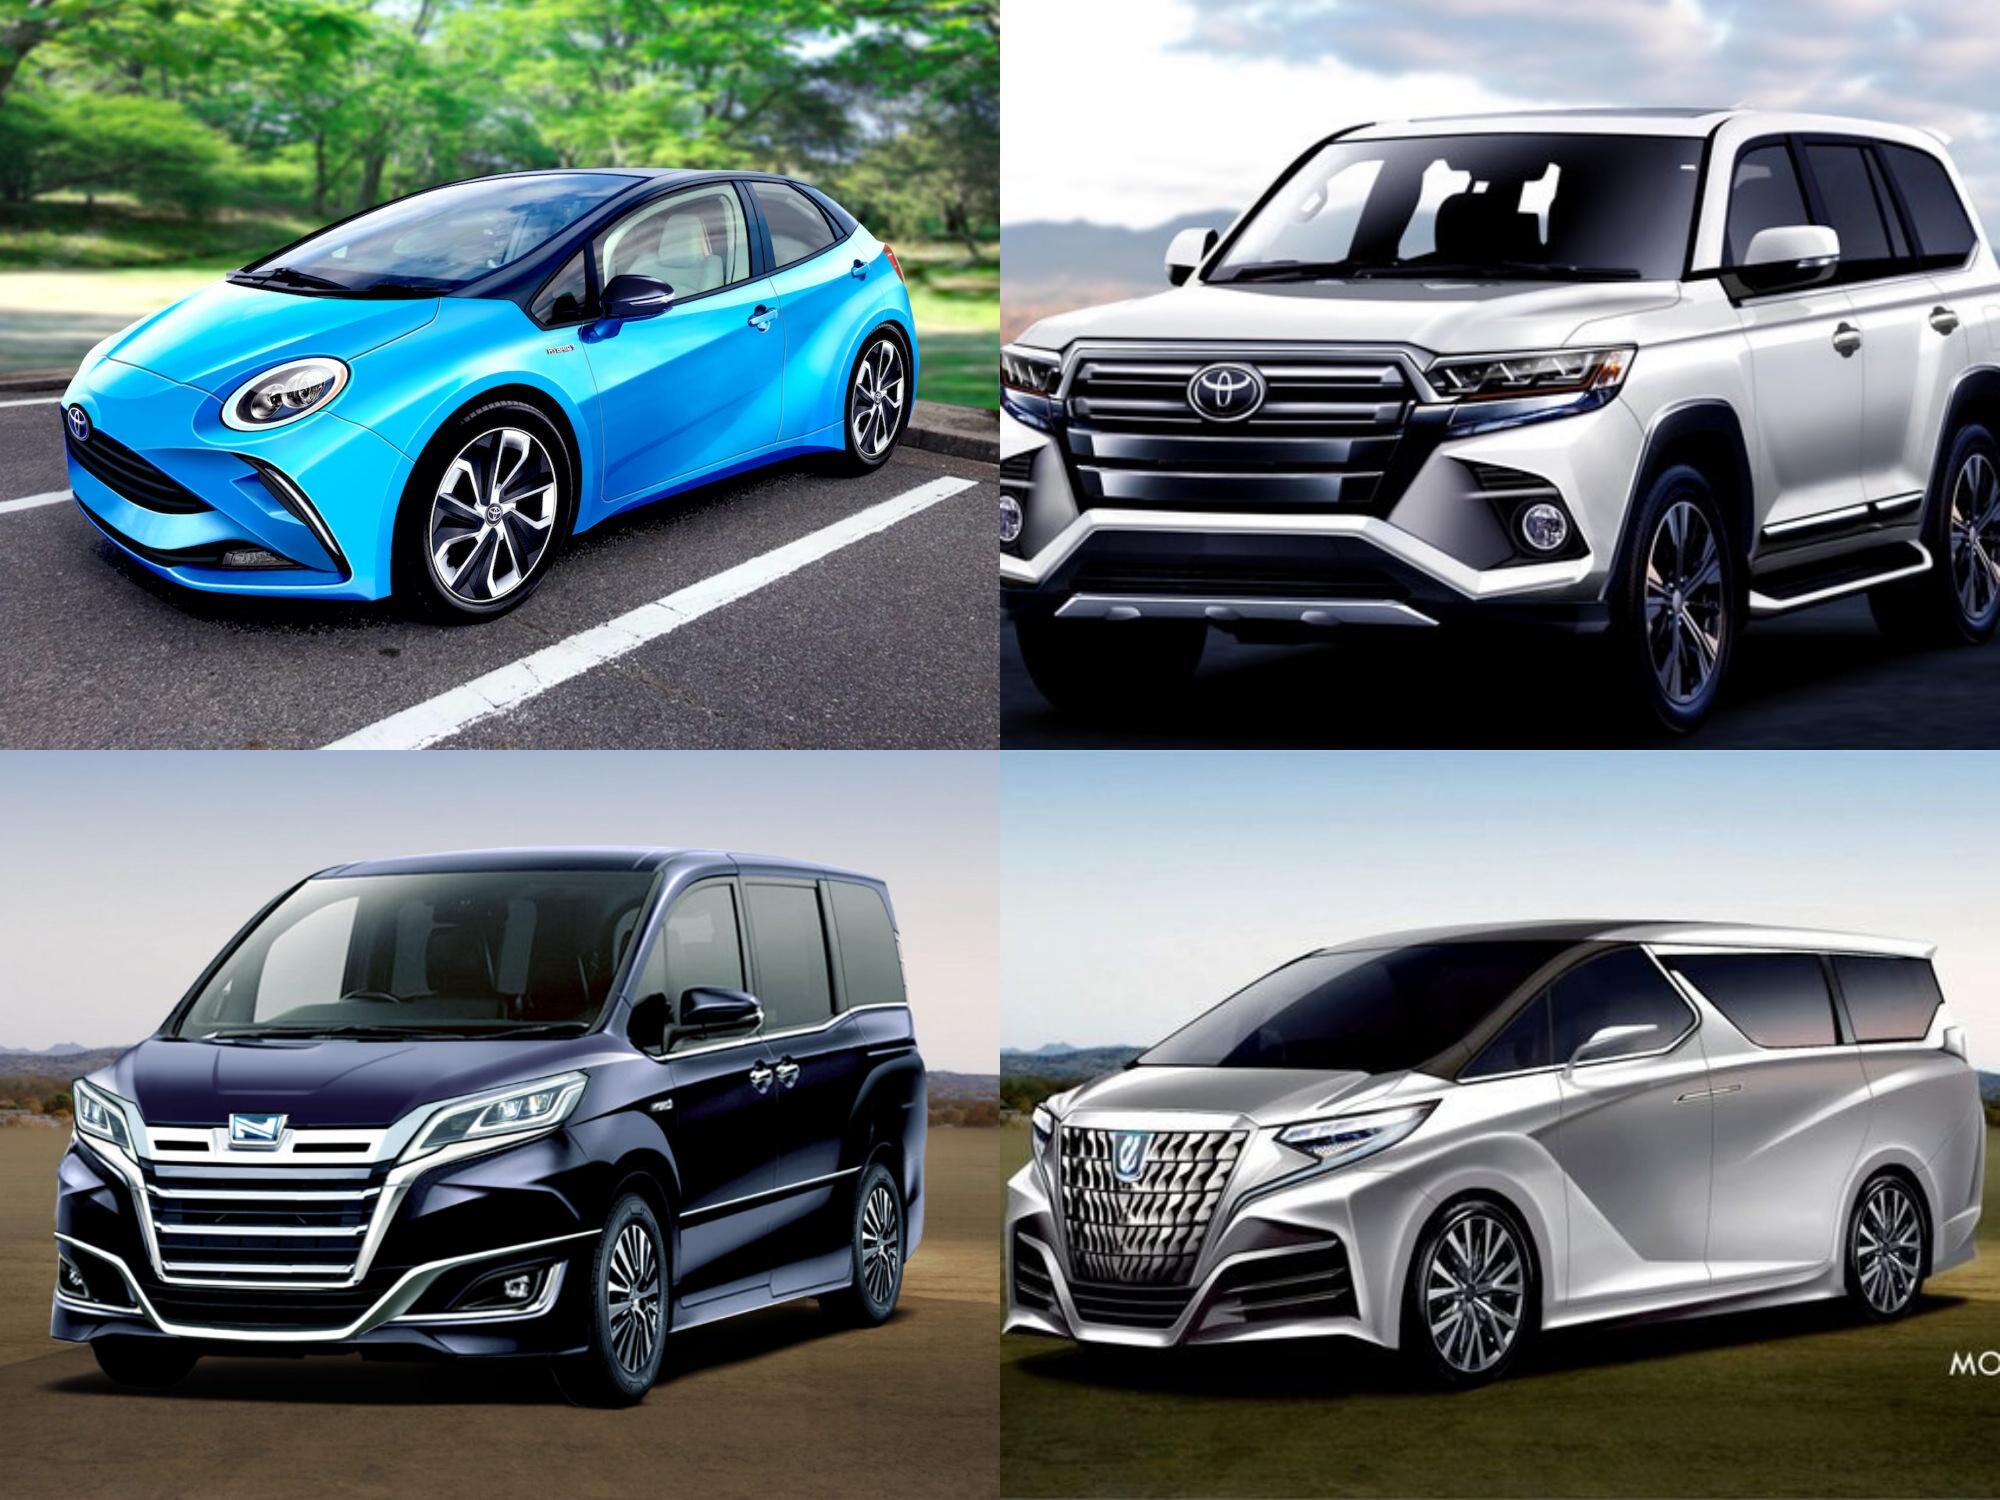 【トヨタ】新型車デビュー・モデルチェンジ予想&スクープ|2020年6月最新情報